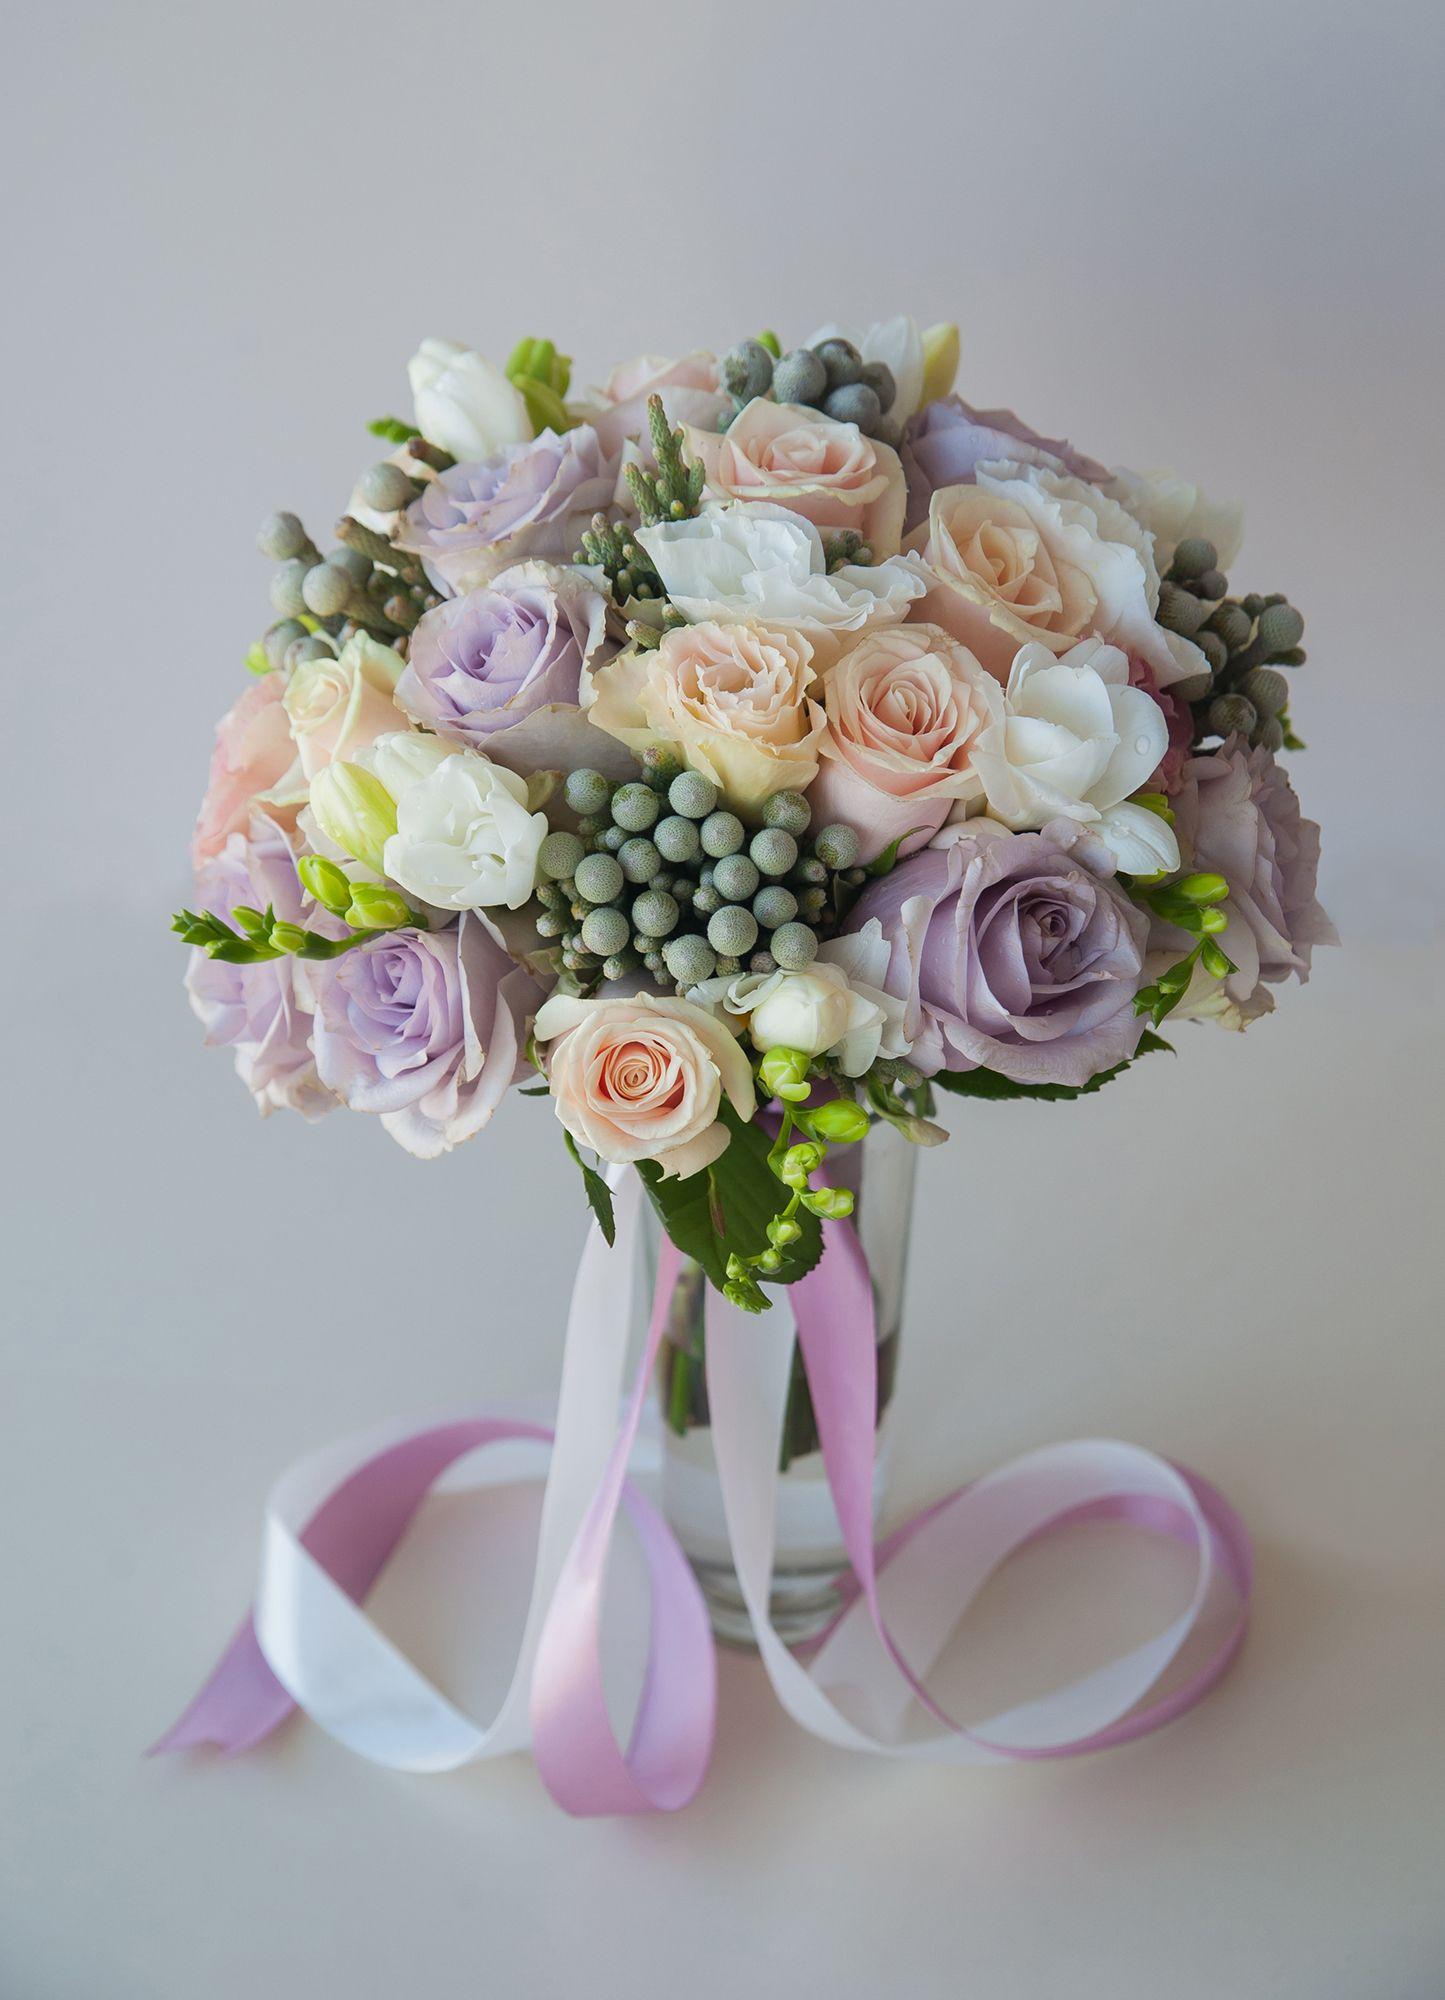 Флердоранж как букет невесты, доставка цветов по миру словакия